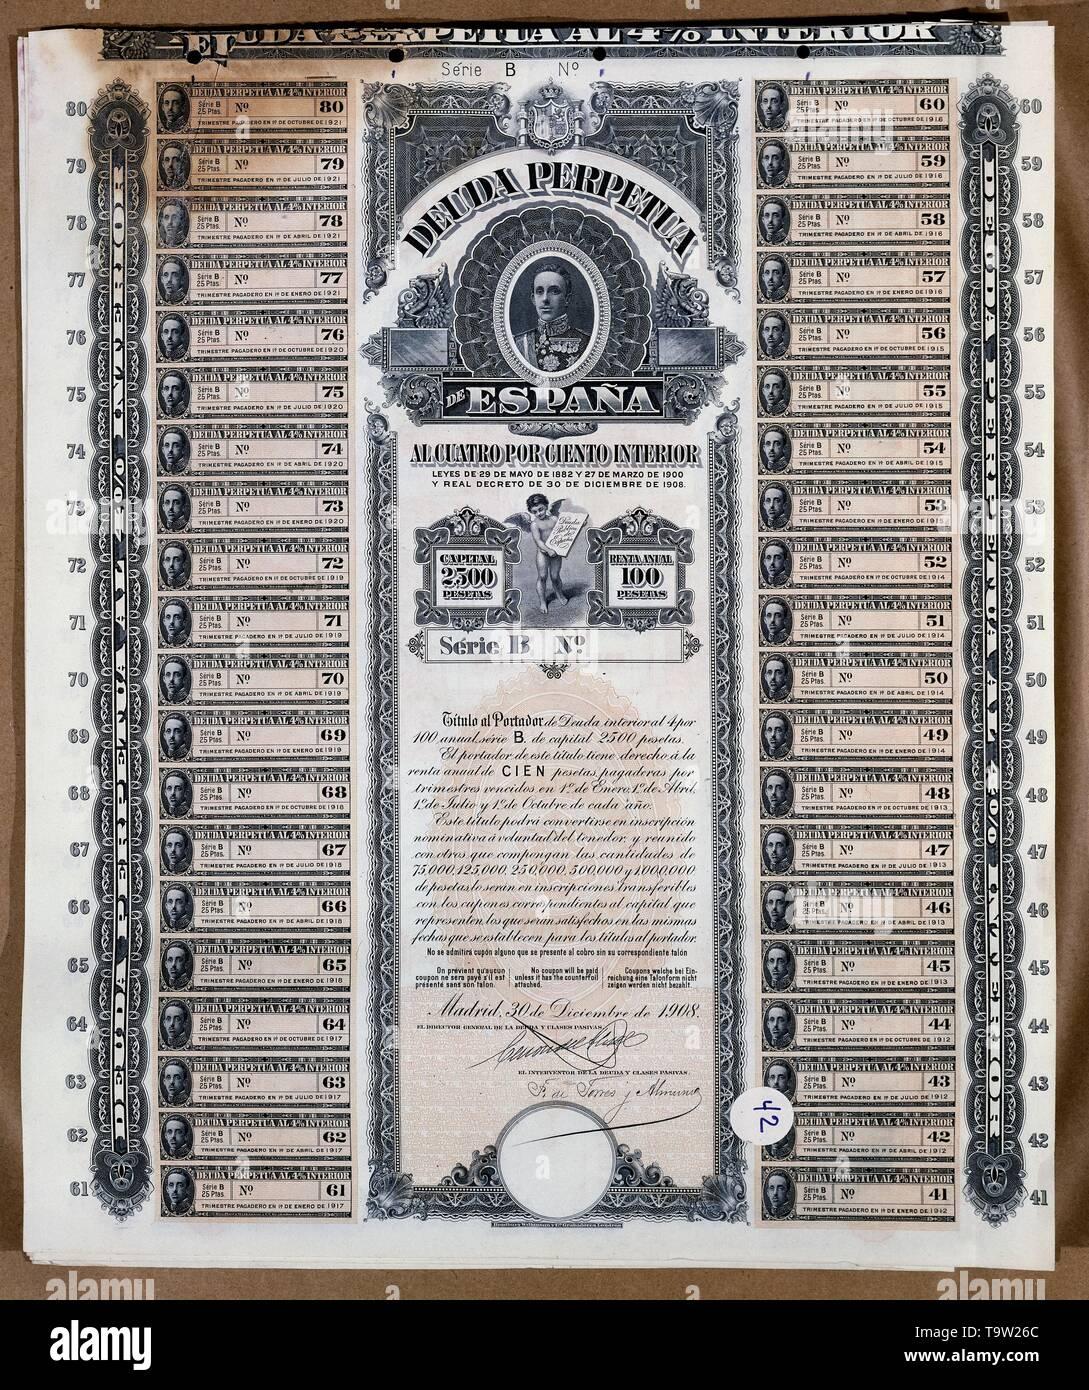 DEUDA PERPETUA DE ESPAÑA 4% INTERIRO 30 DICIEMBRE 1908. Location: BOLSA DE COMERCIO-COLECCION. MADRID. SPAIN. - Stock Image